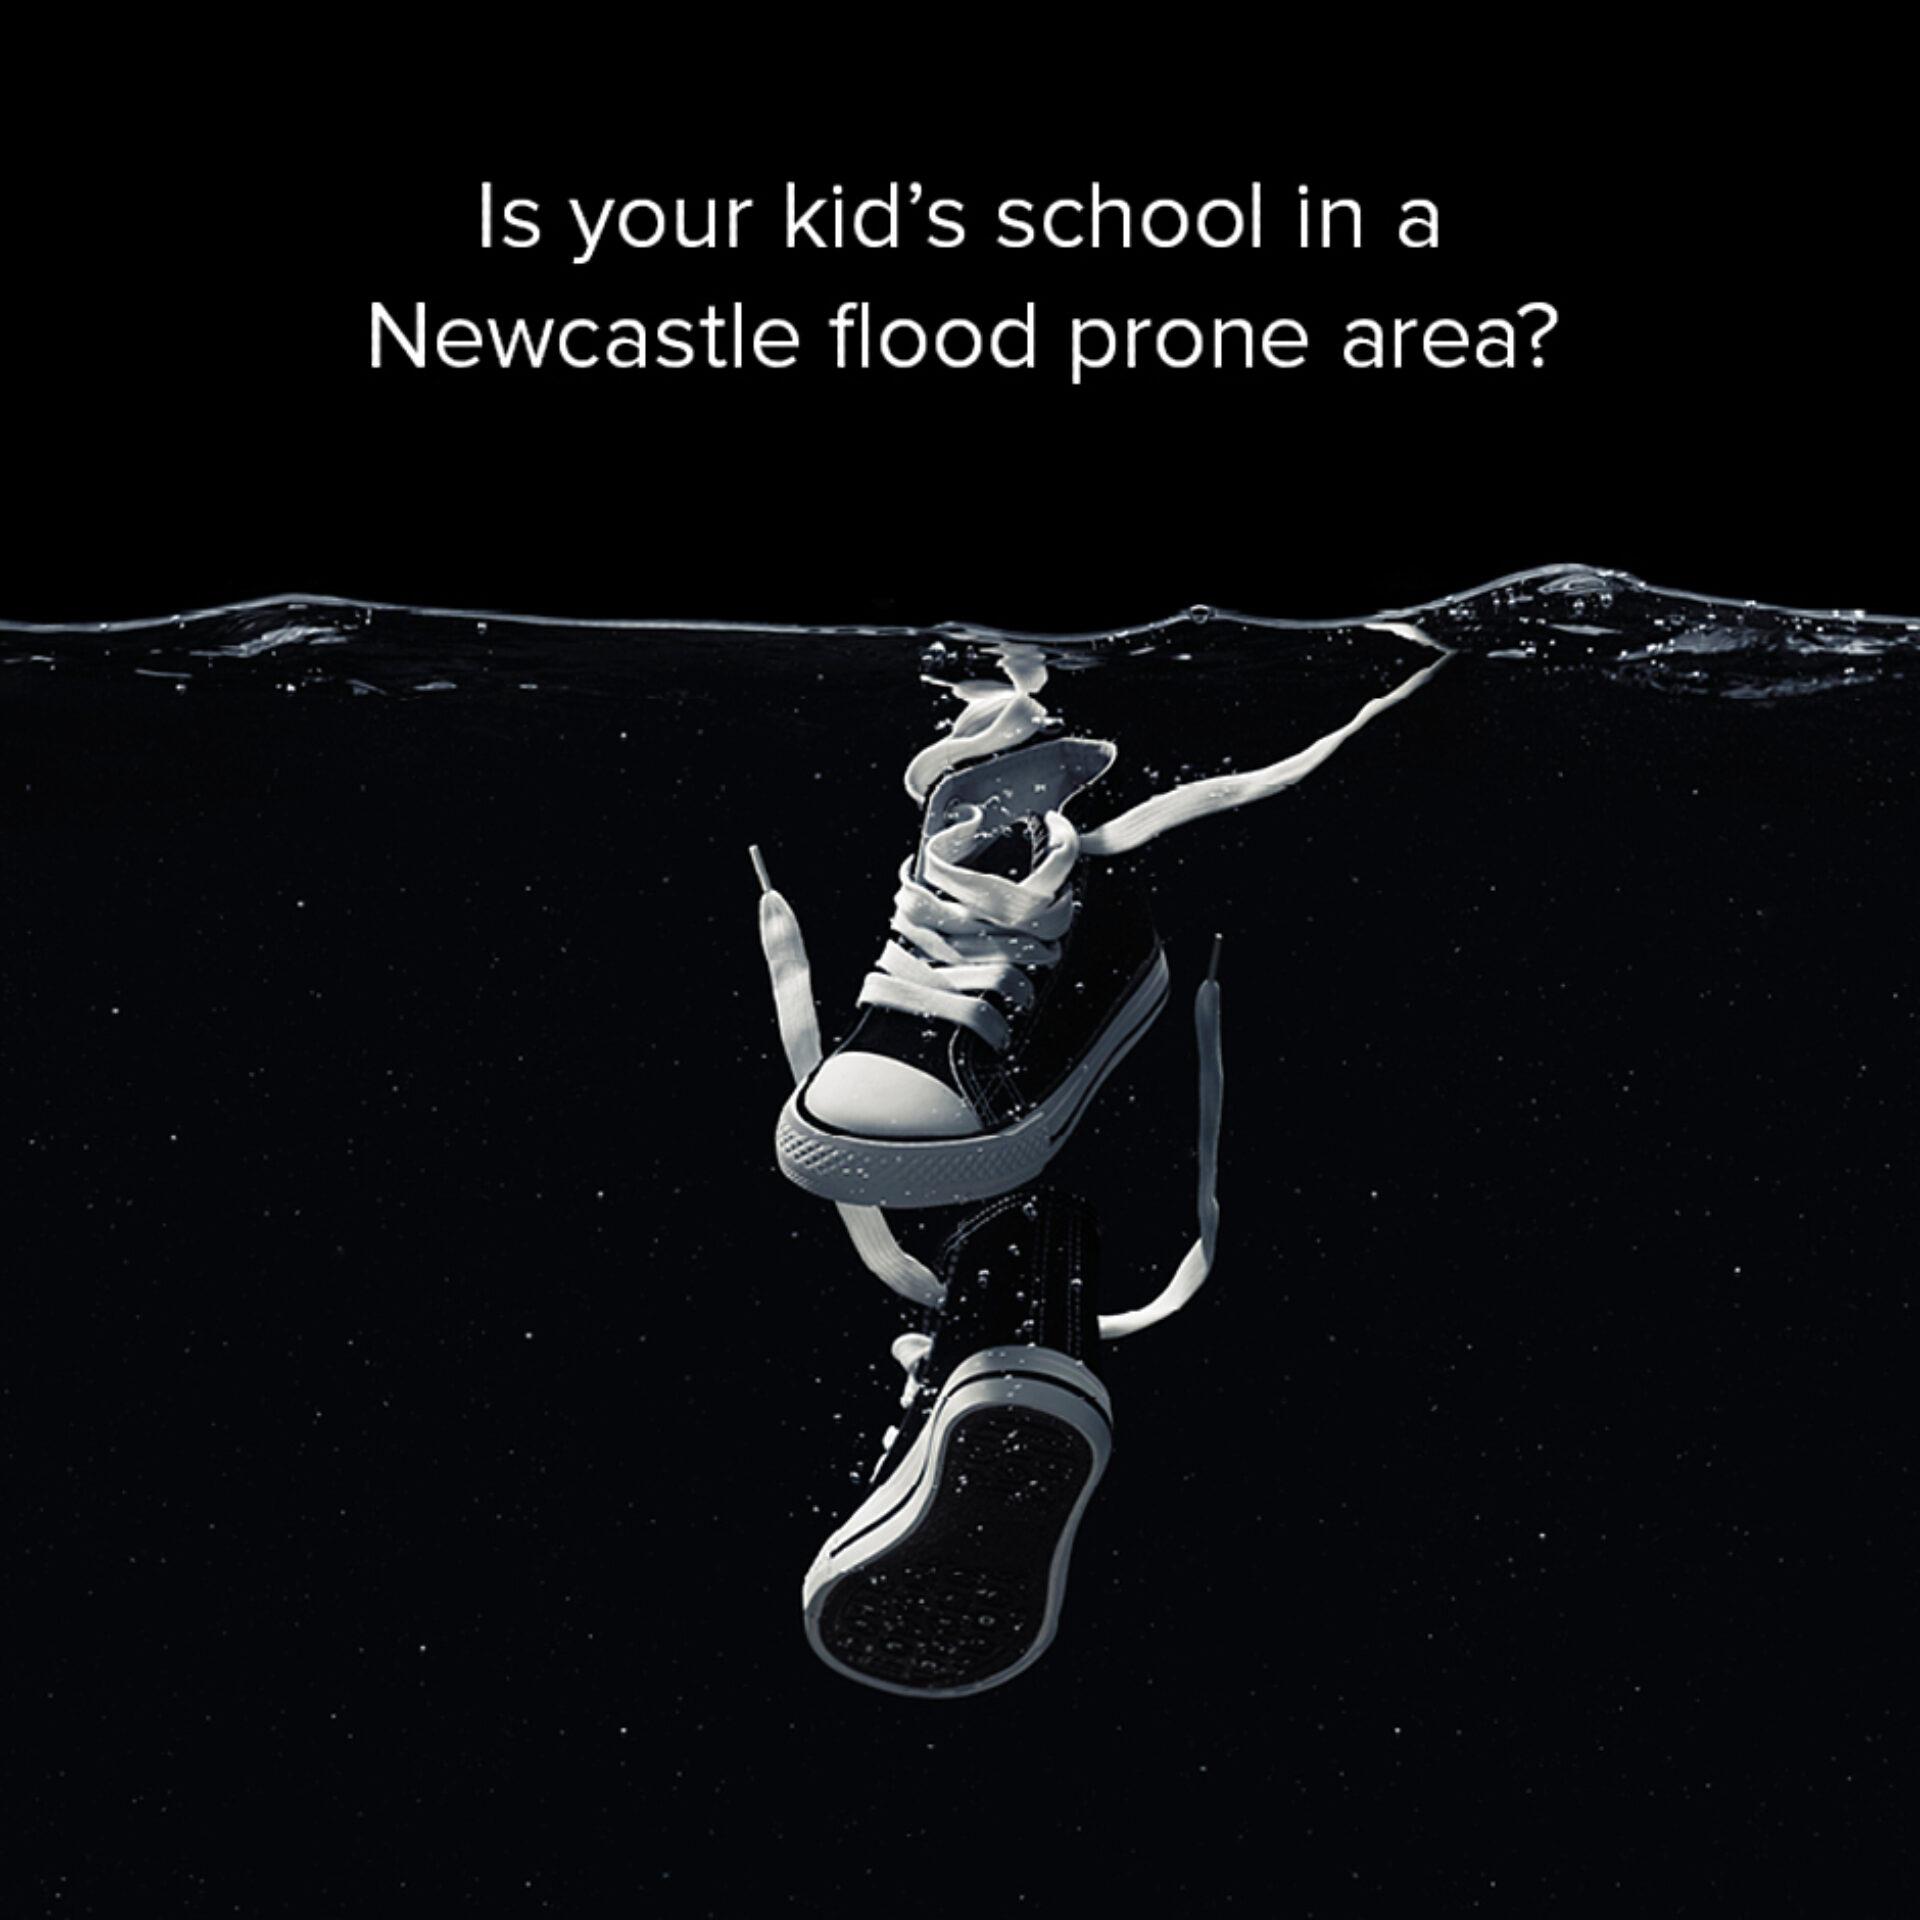 Newcastle flood image 04